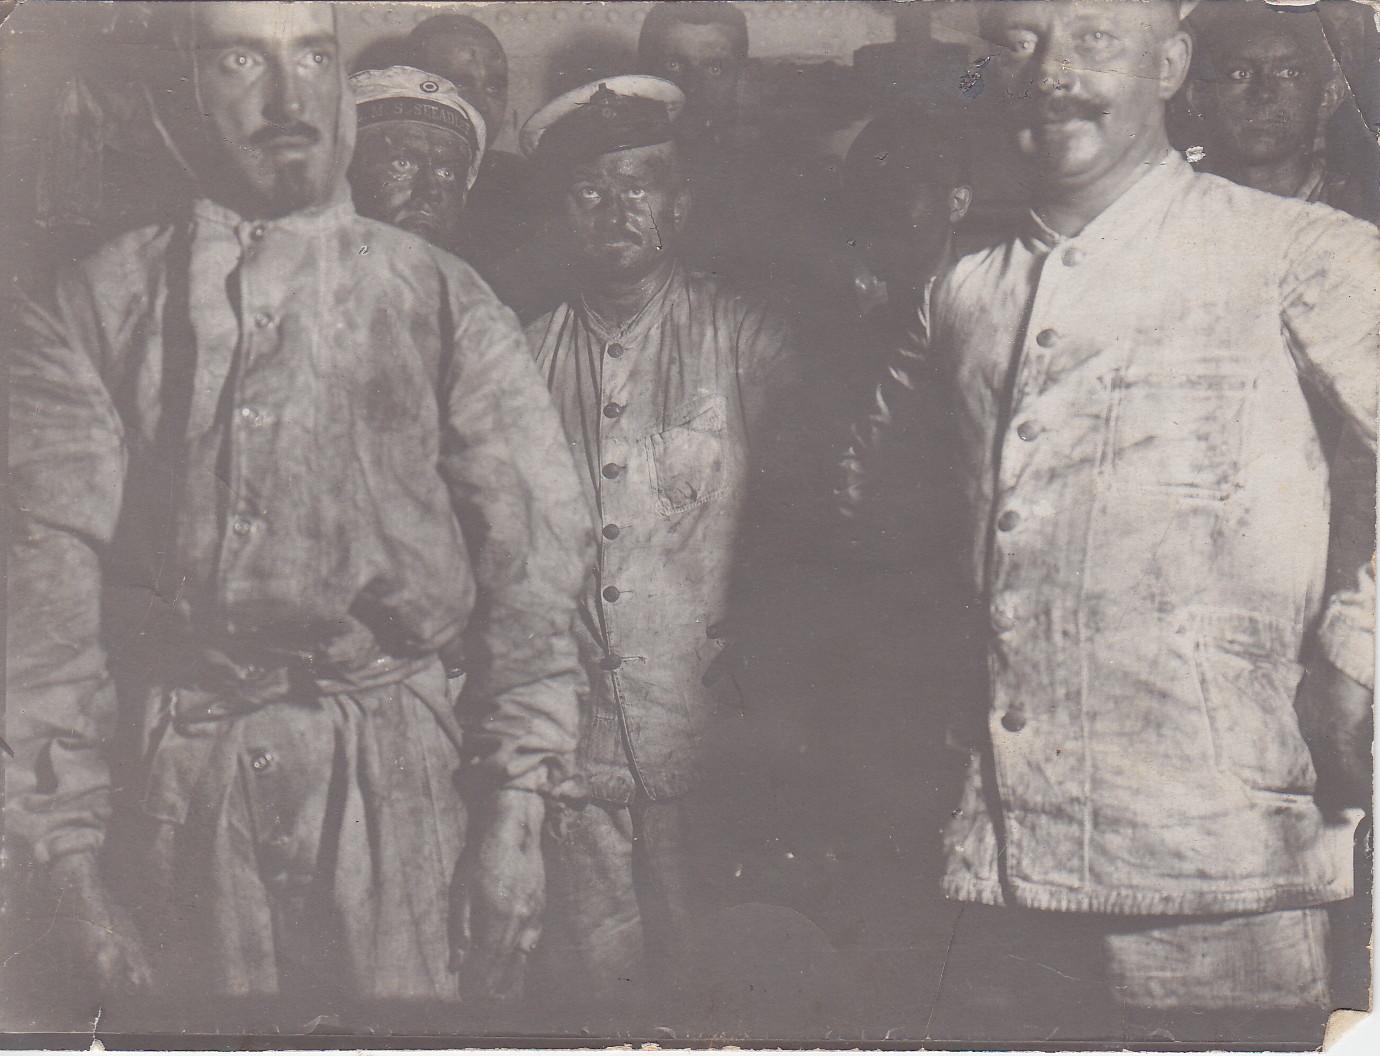 Kesselrevision (von links nach rechts: Kaptl. Nittka, Ob.Maat Gastel, Mt. Struk, Maschinist Freiheit, Oberheizer Hoffmann, Heizer Reifrsch, Ob-Ing. Wolf, Maat Schultz